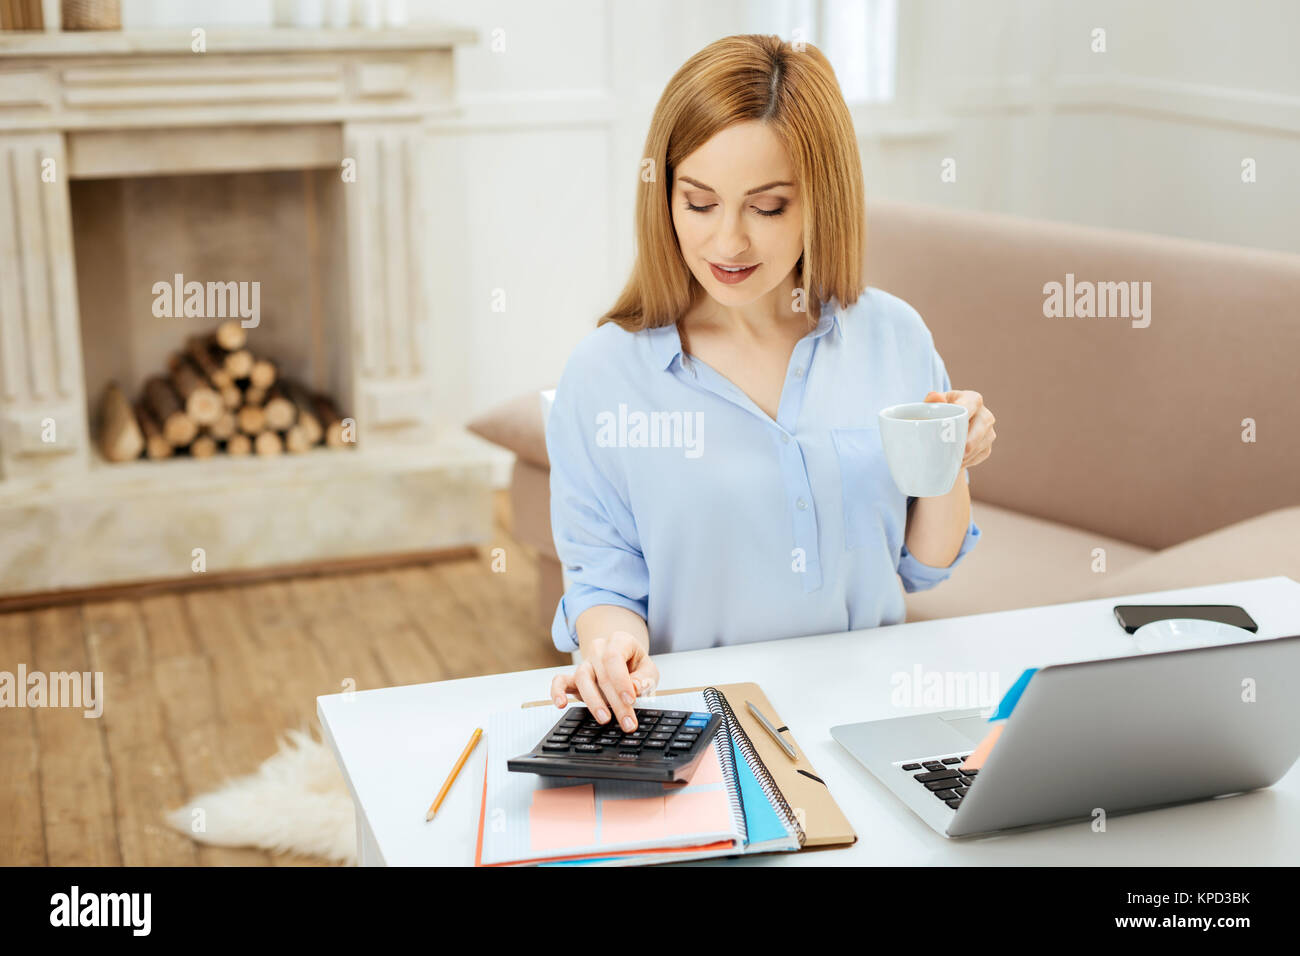 Fiducioso sorridente imprenditrice che lavora da casa Immagini Stock